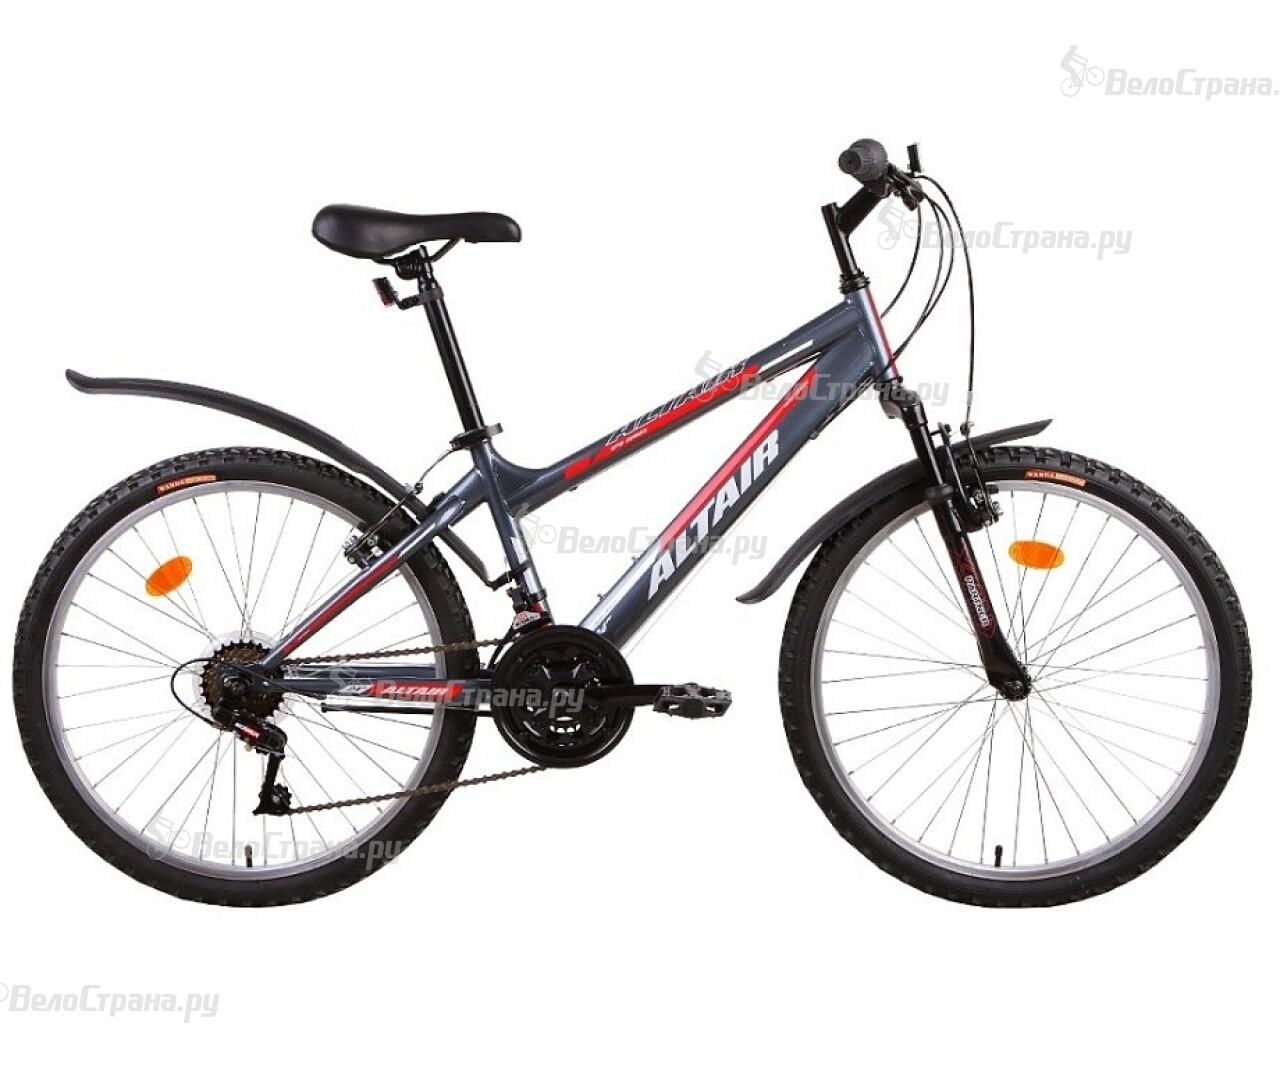 Велосипед Forward Altair MTB HT Junior 24 (2014) велосипед forward azure 24 24 2016